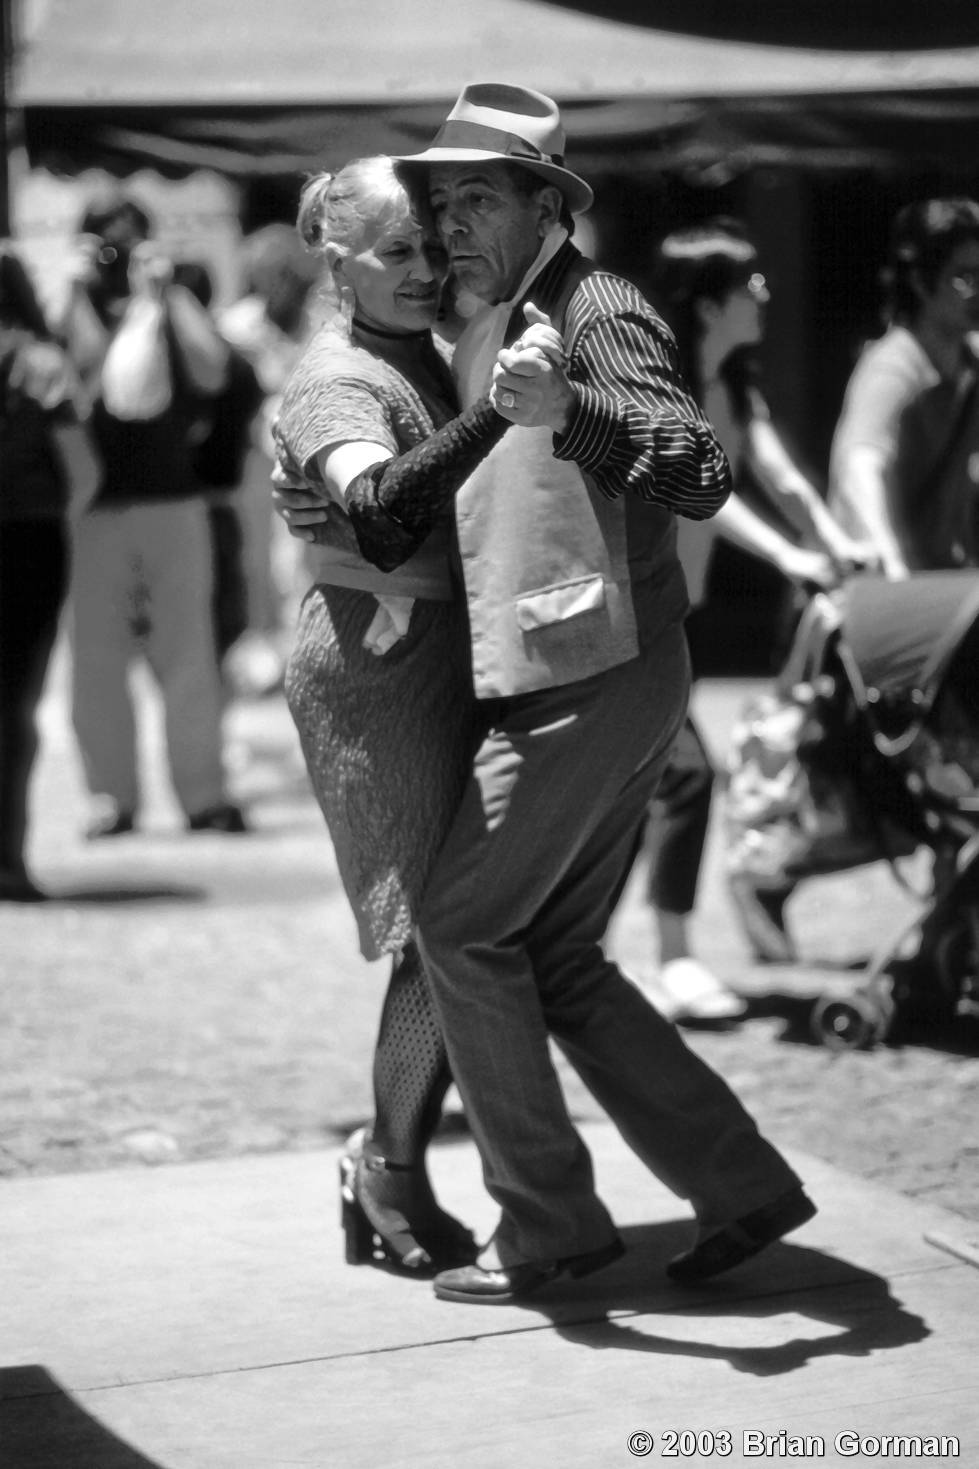 Afbeeldingsresultaat voor tango buenos aires